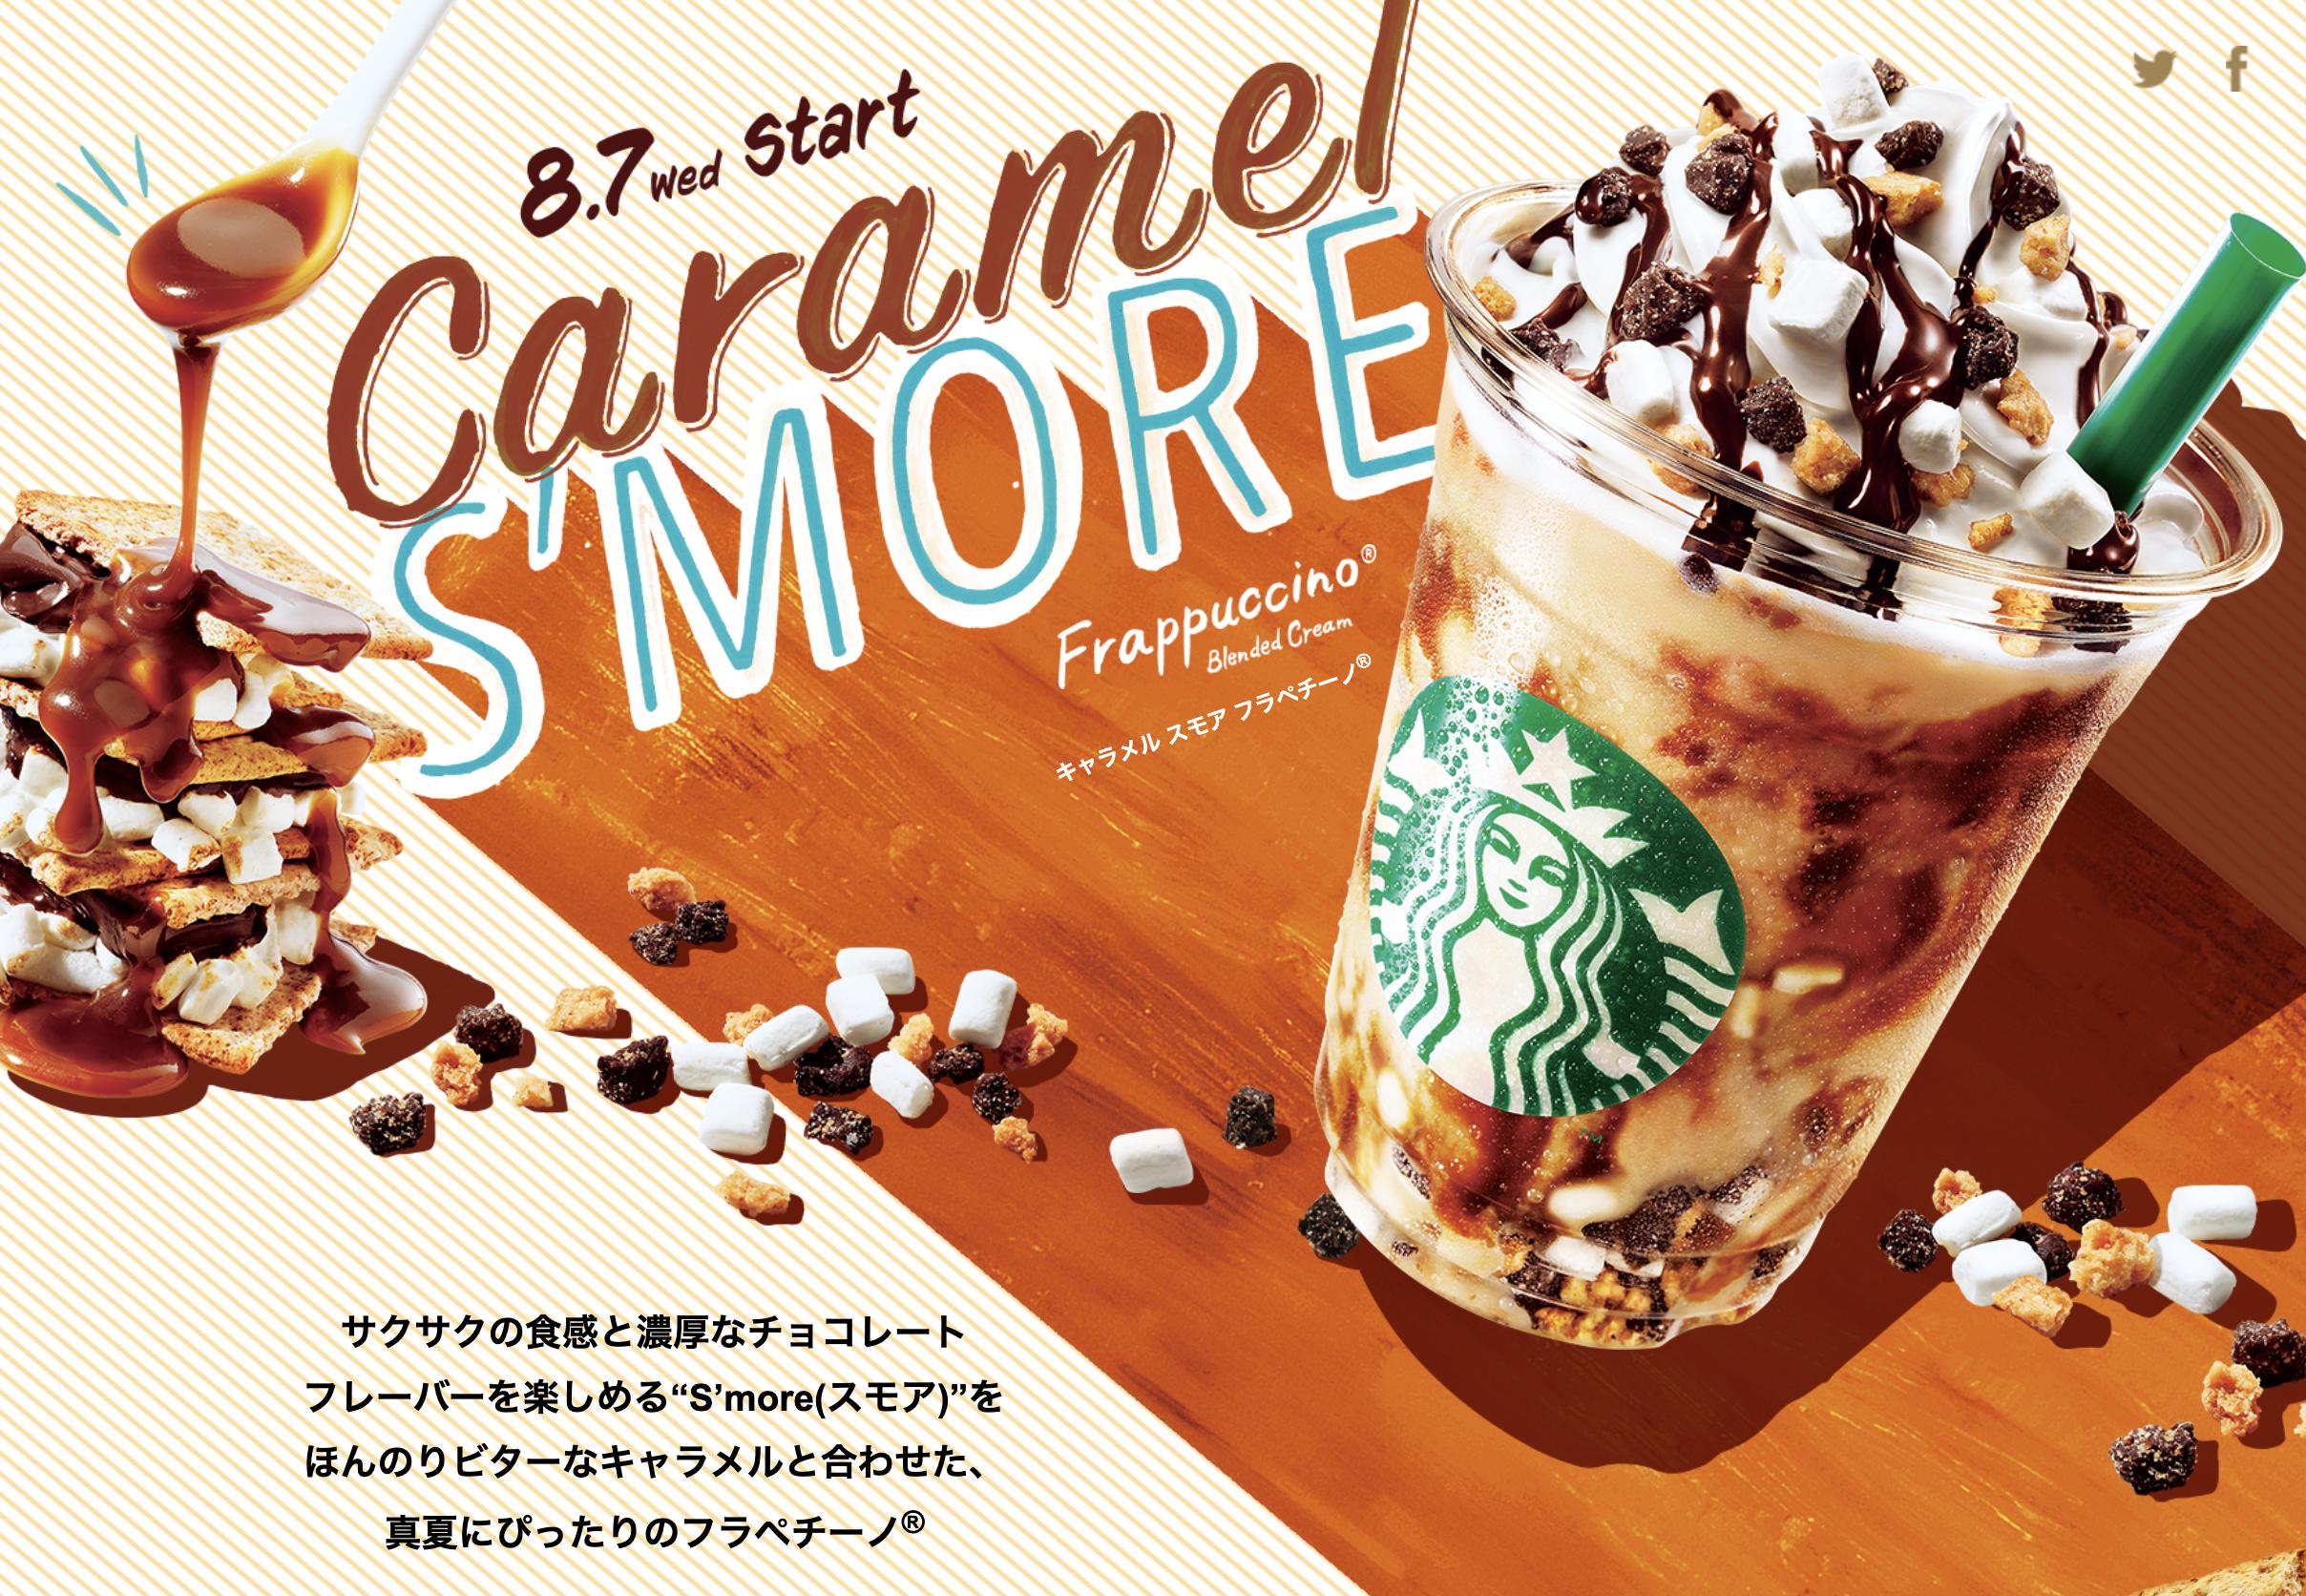 キャラメルスモアフラペチーノのカロリーや糖質は?カフェイン量とオススメカスタマイズも!